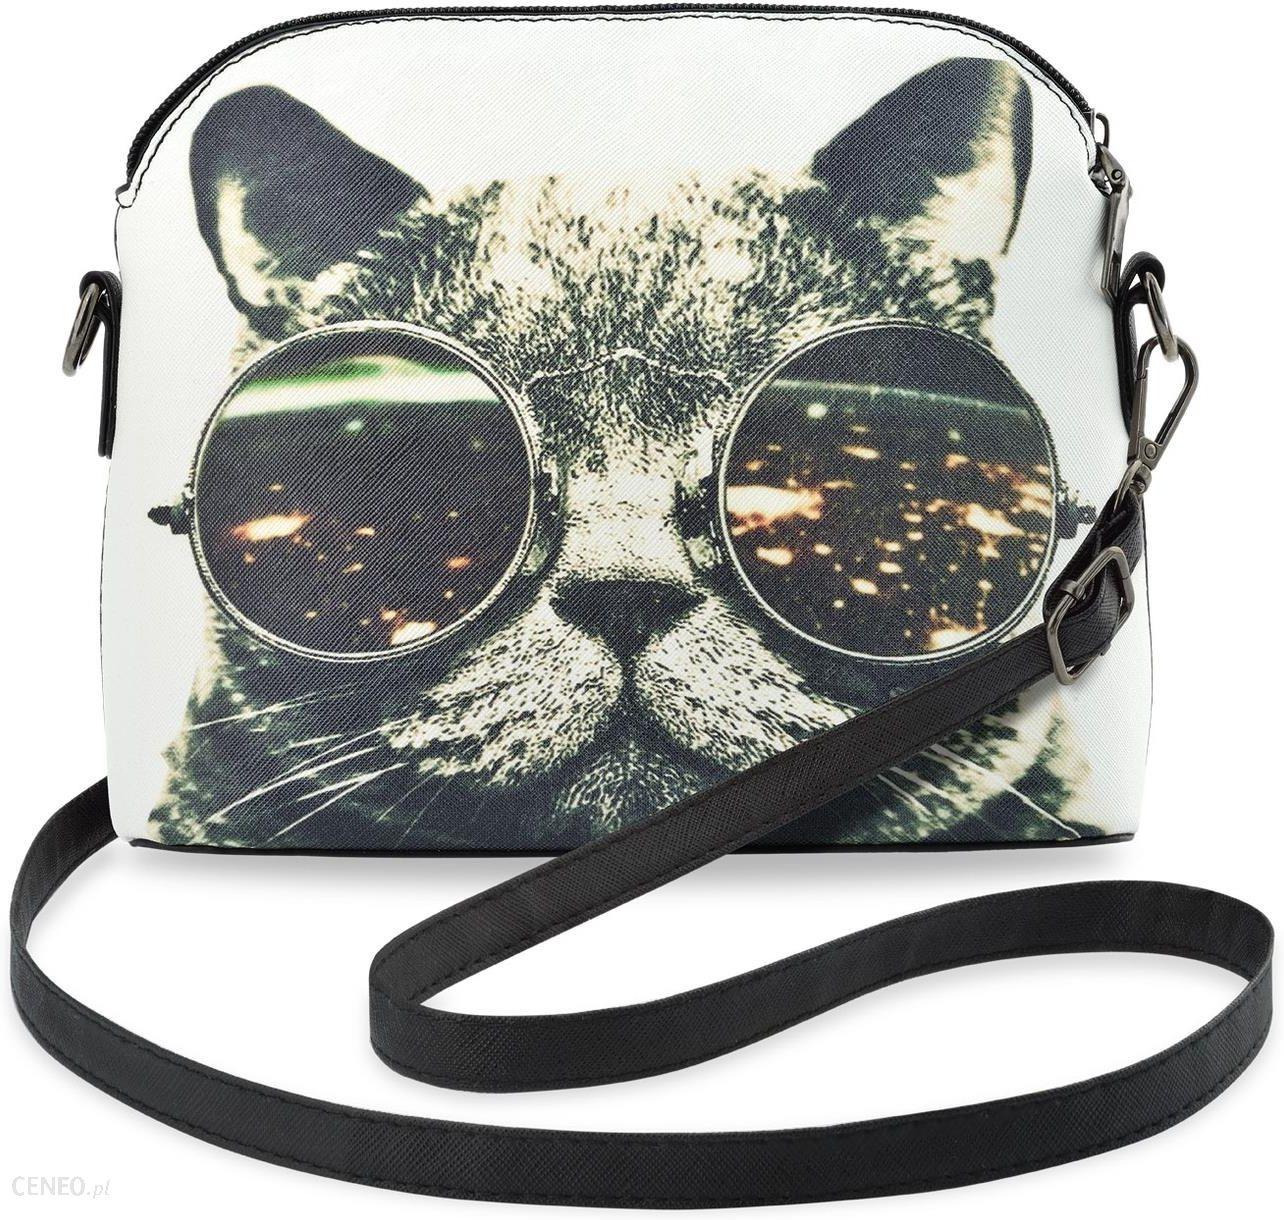 961d12ad3f0f9 Młodzieżowa listonoszka damska z modnym nadrukiem – kot w lenonkach  okularach - zdjęcie 1